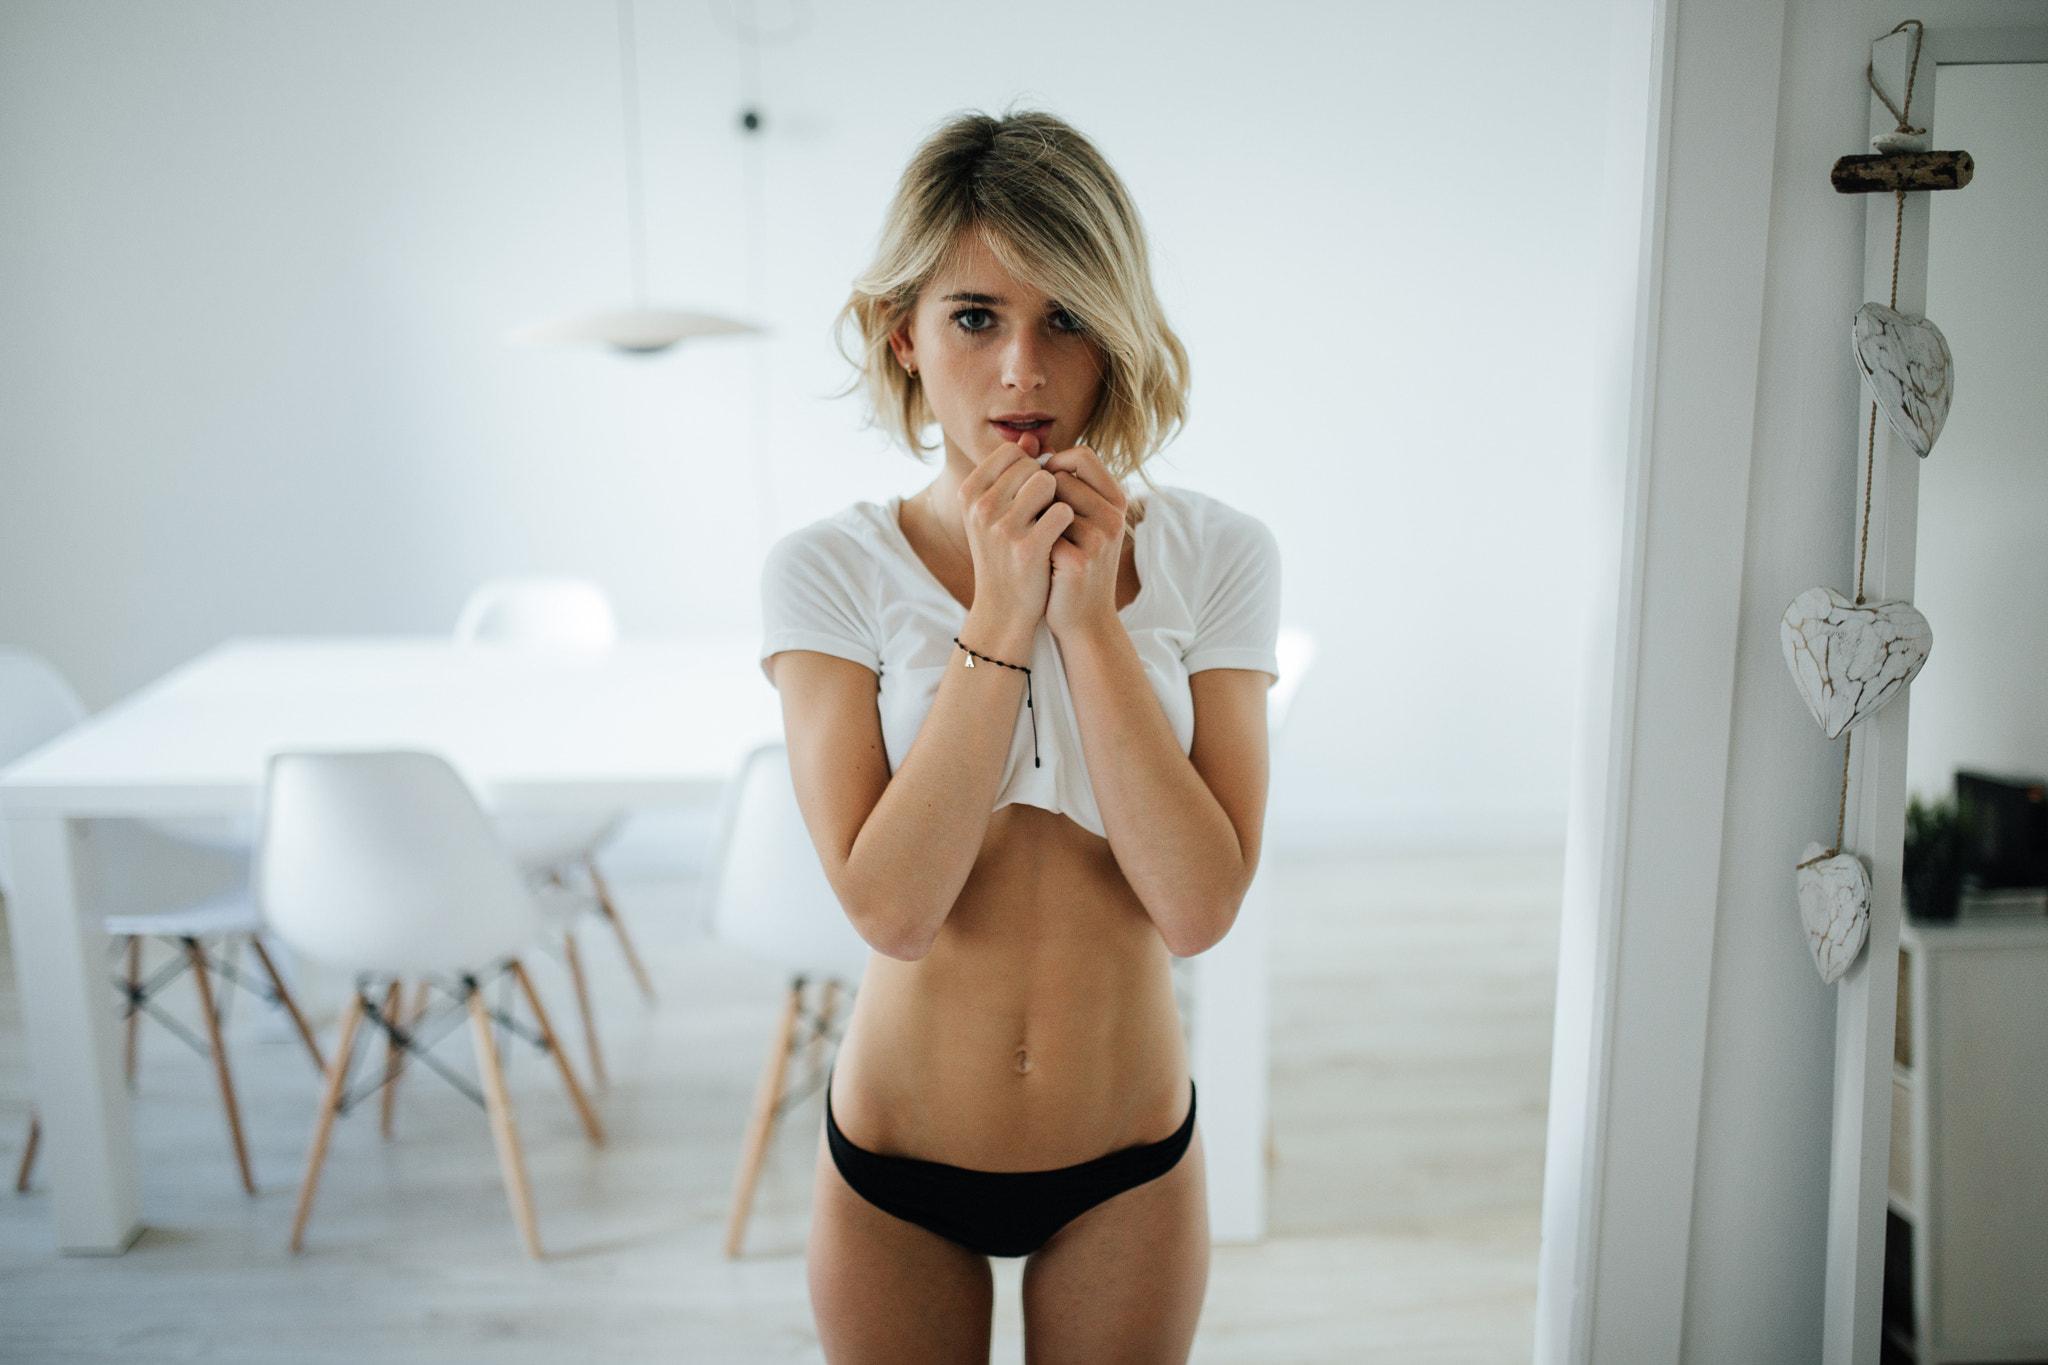 Blonde in black panties